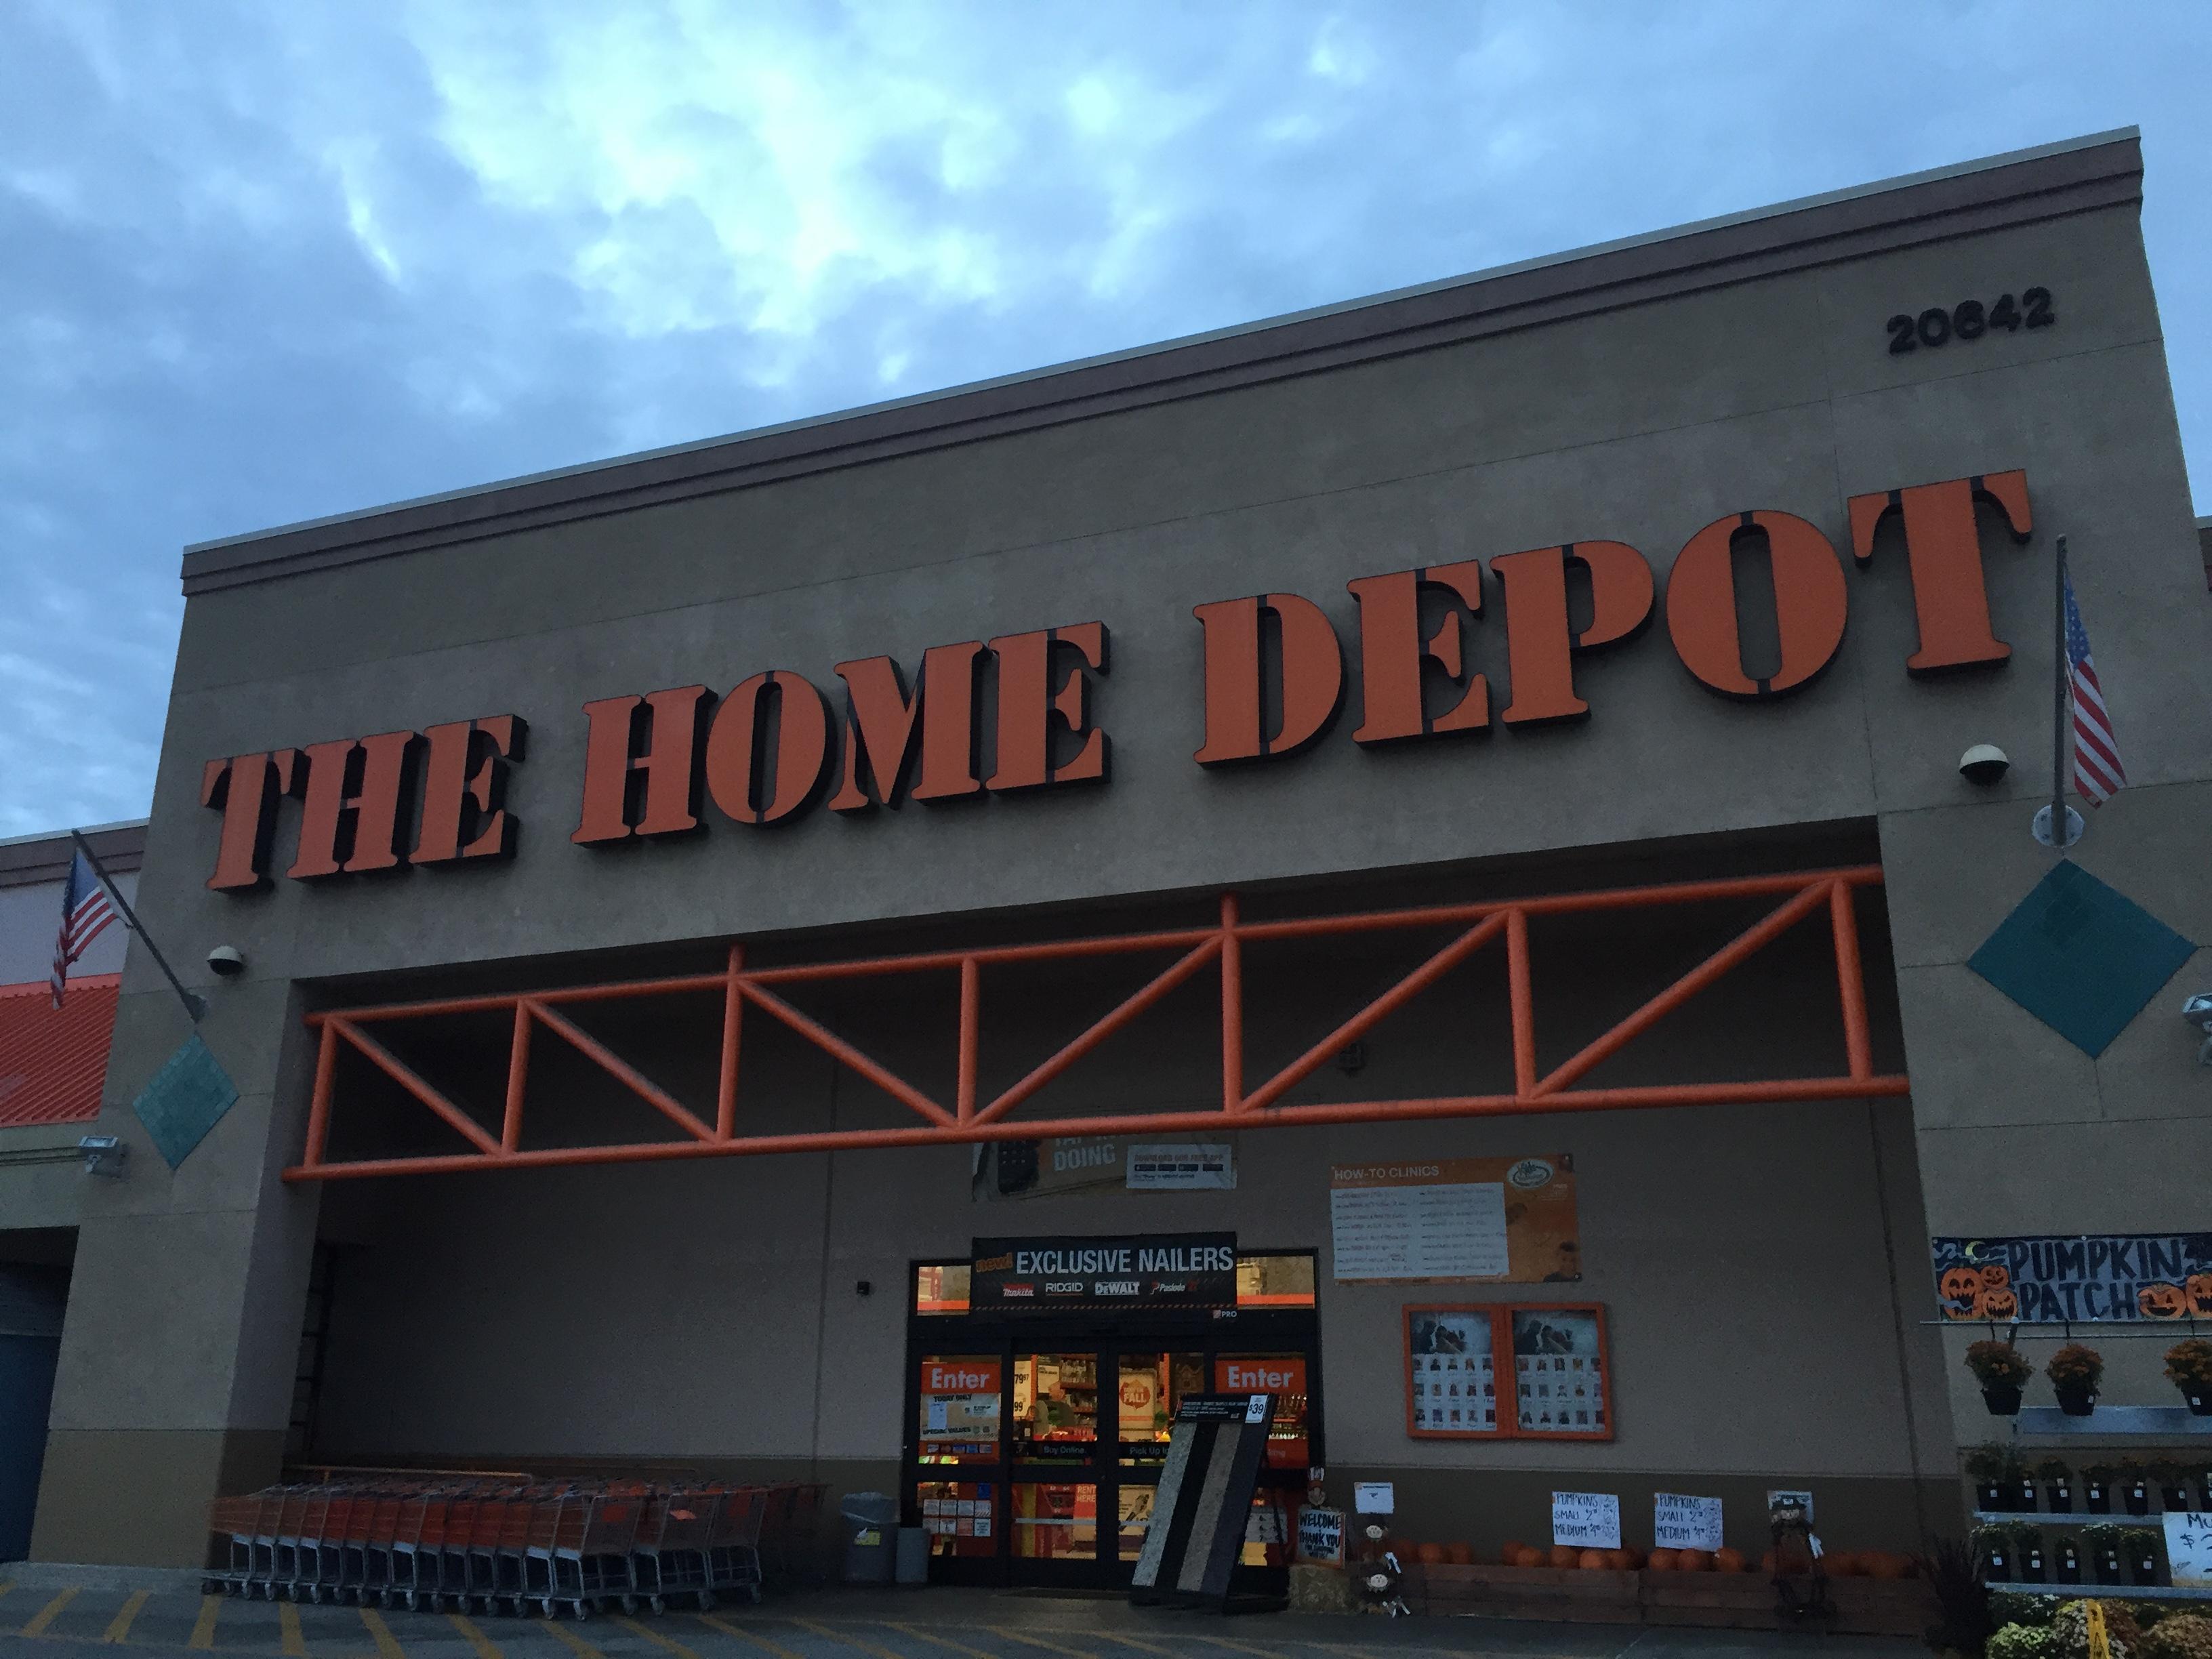 The Home Depot Coupons Santa Clarita CA near me : 8coupons